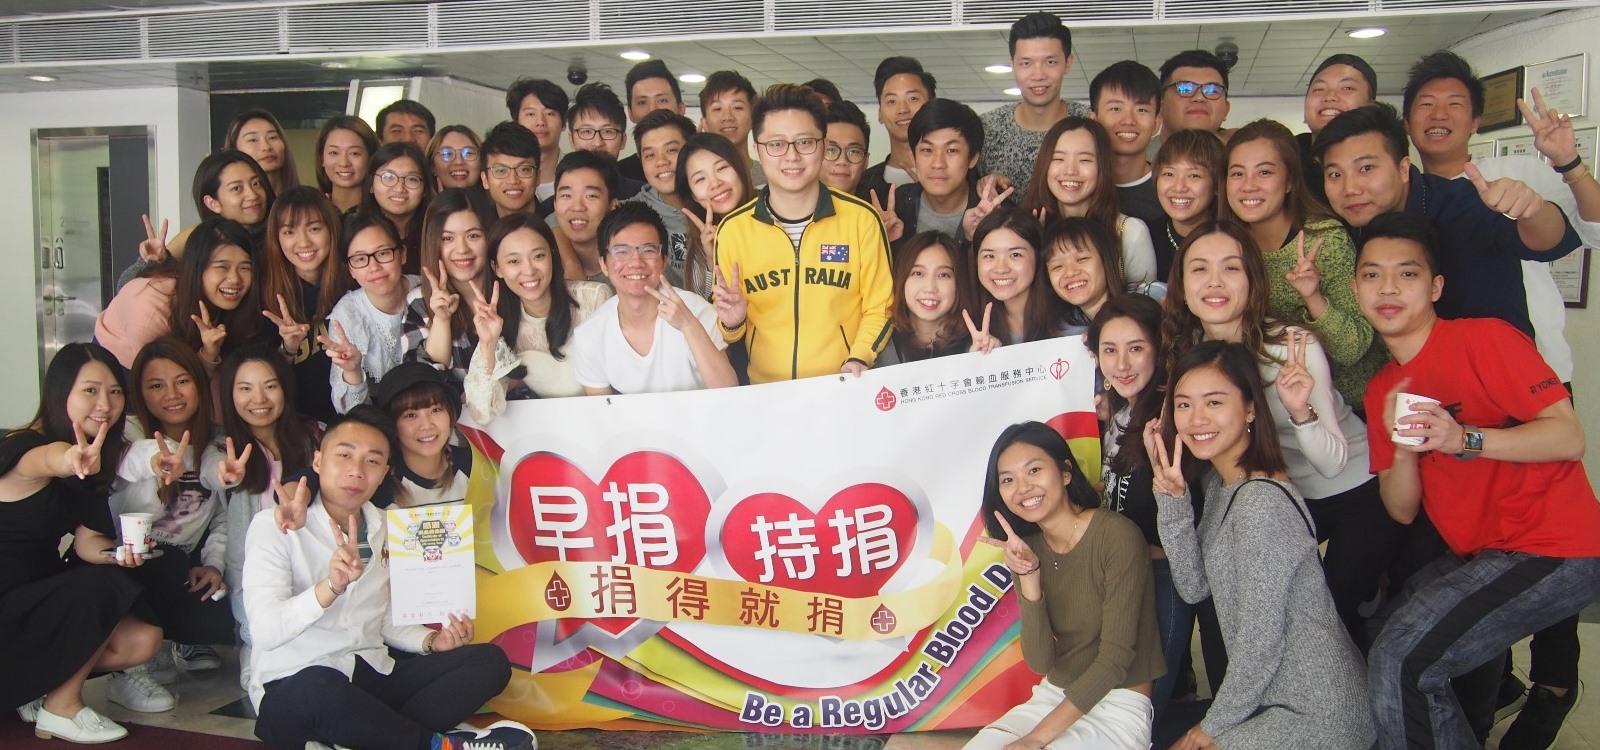 圖片: 团体捐血活动